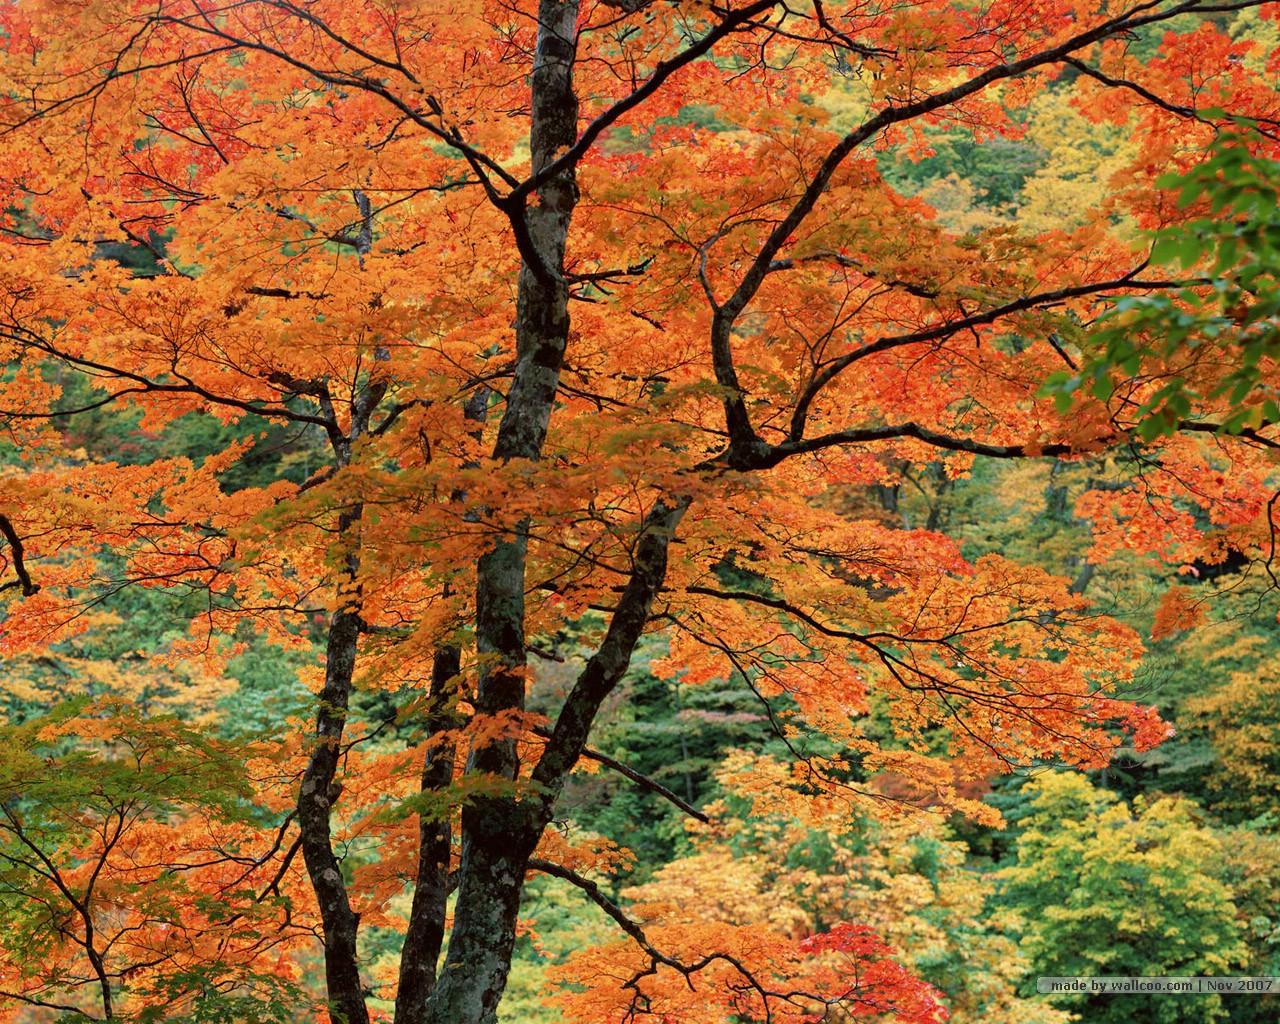 深秋风景 枫叶红了